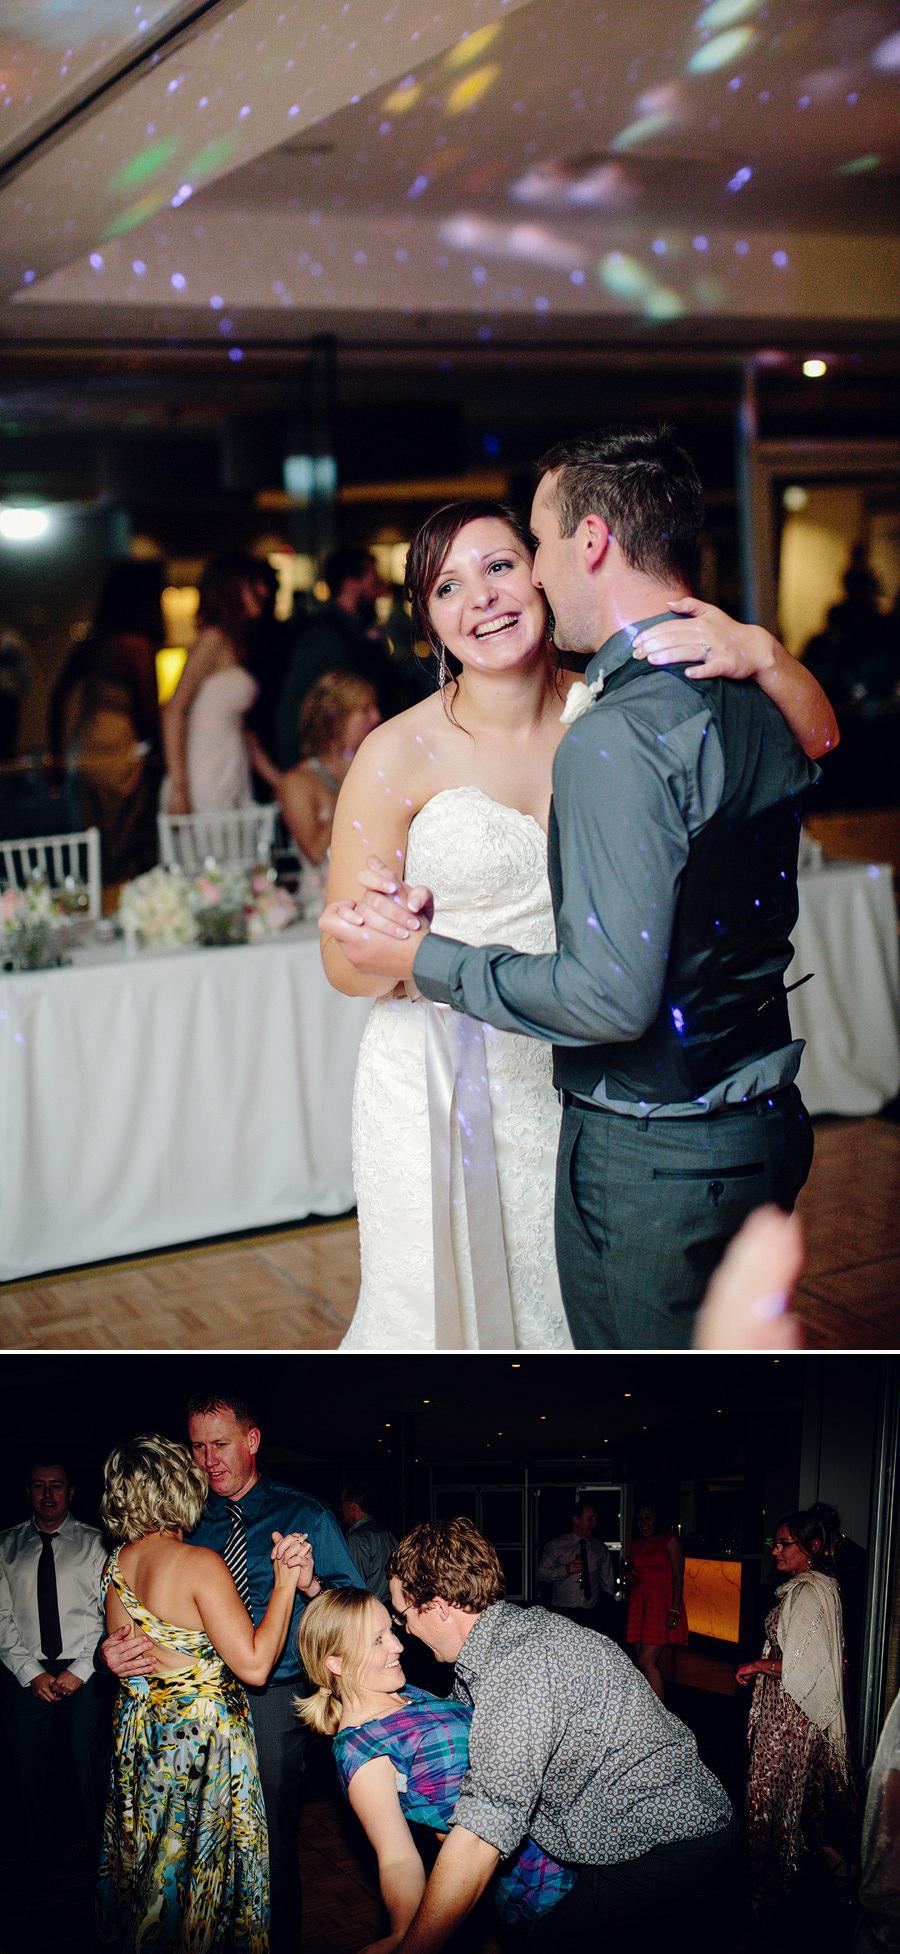 Taronga Harbourview Terrace Wedding Photography: Dancefloor